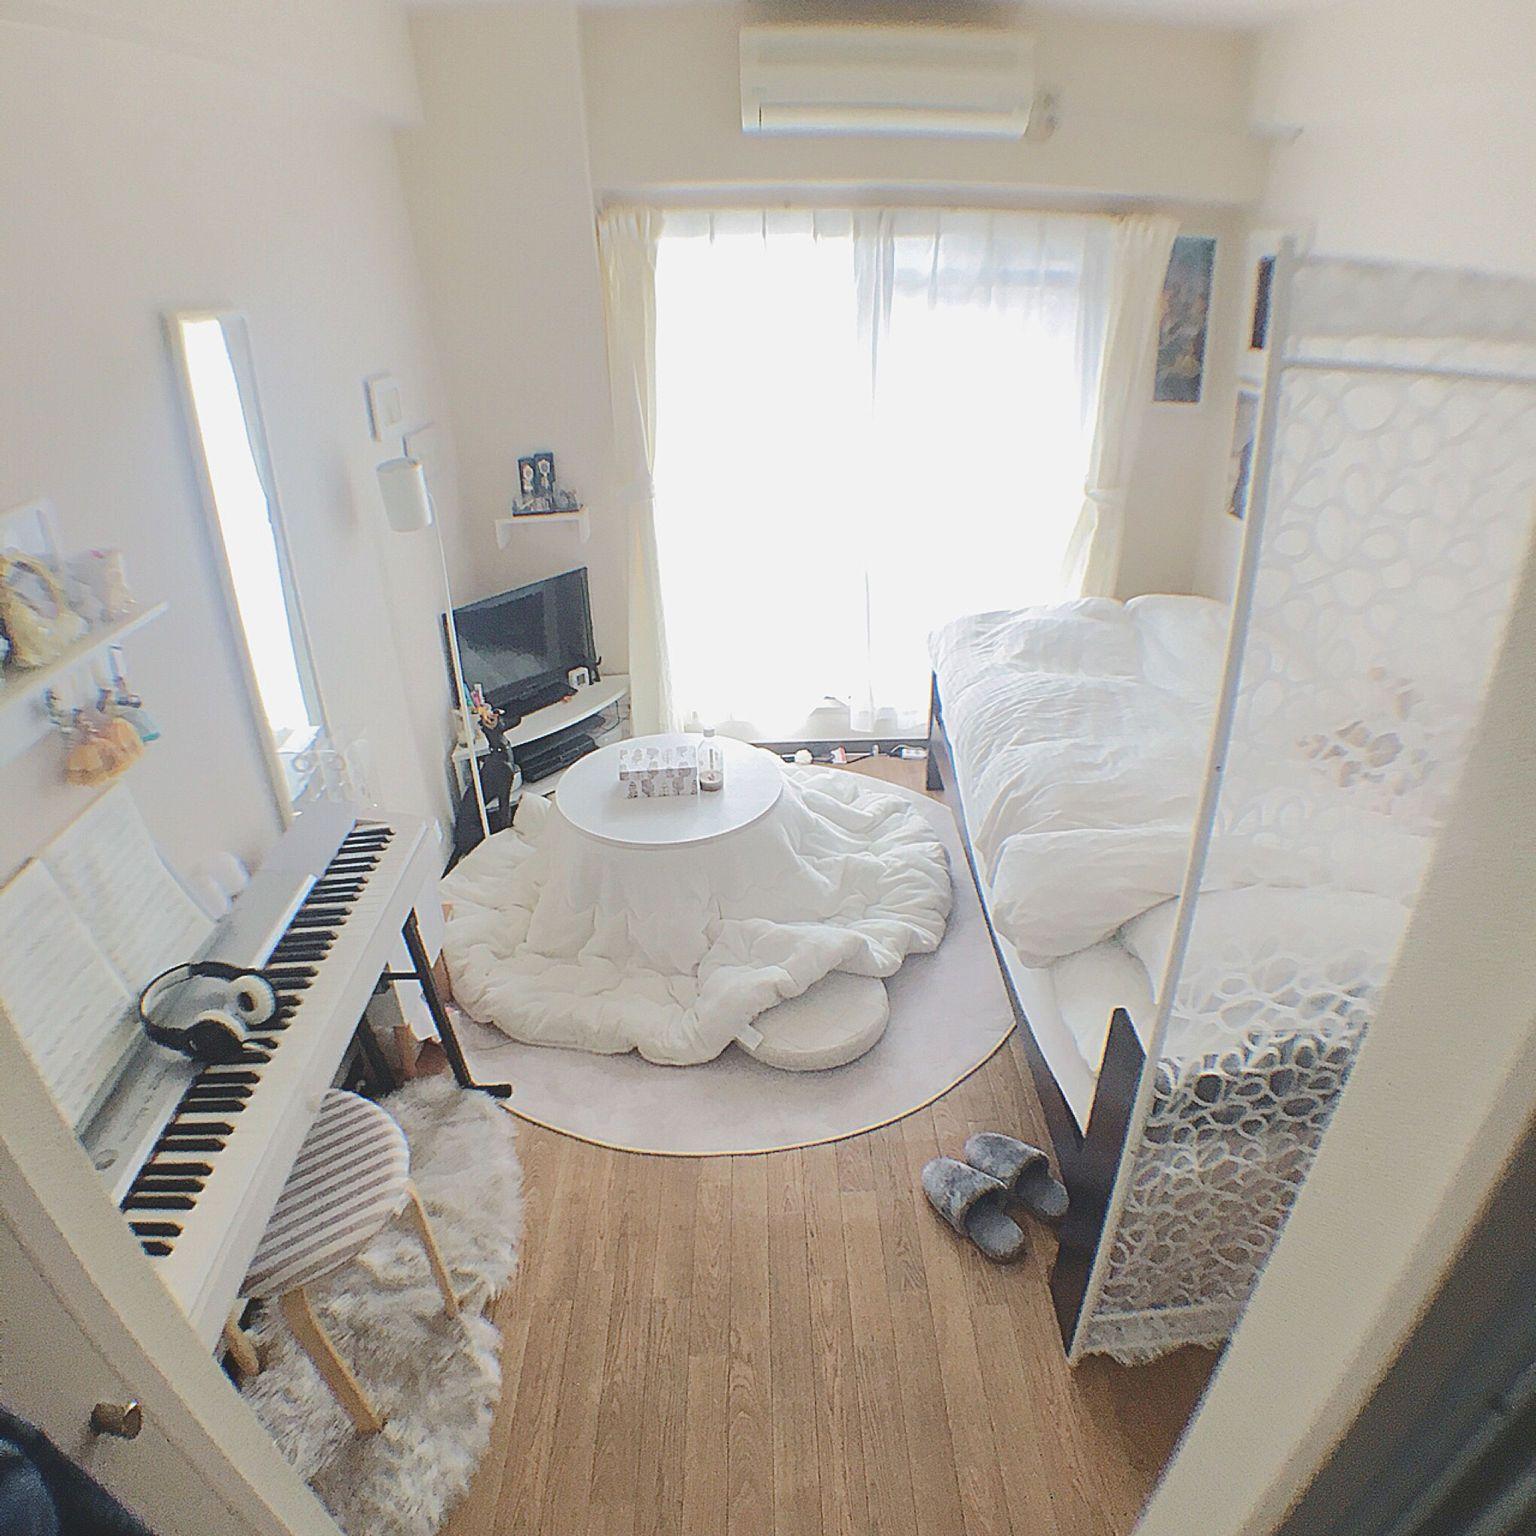 56b888cb11a43 Overview 一人暮らし 狭い部屋 1K こたつ ホワイトインテリア...などのインテリア実例 - 2017-11-23 05 13 23